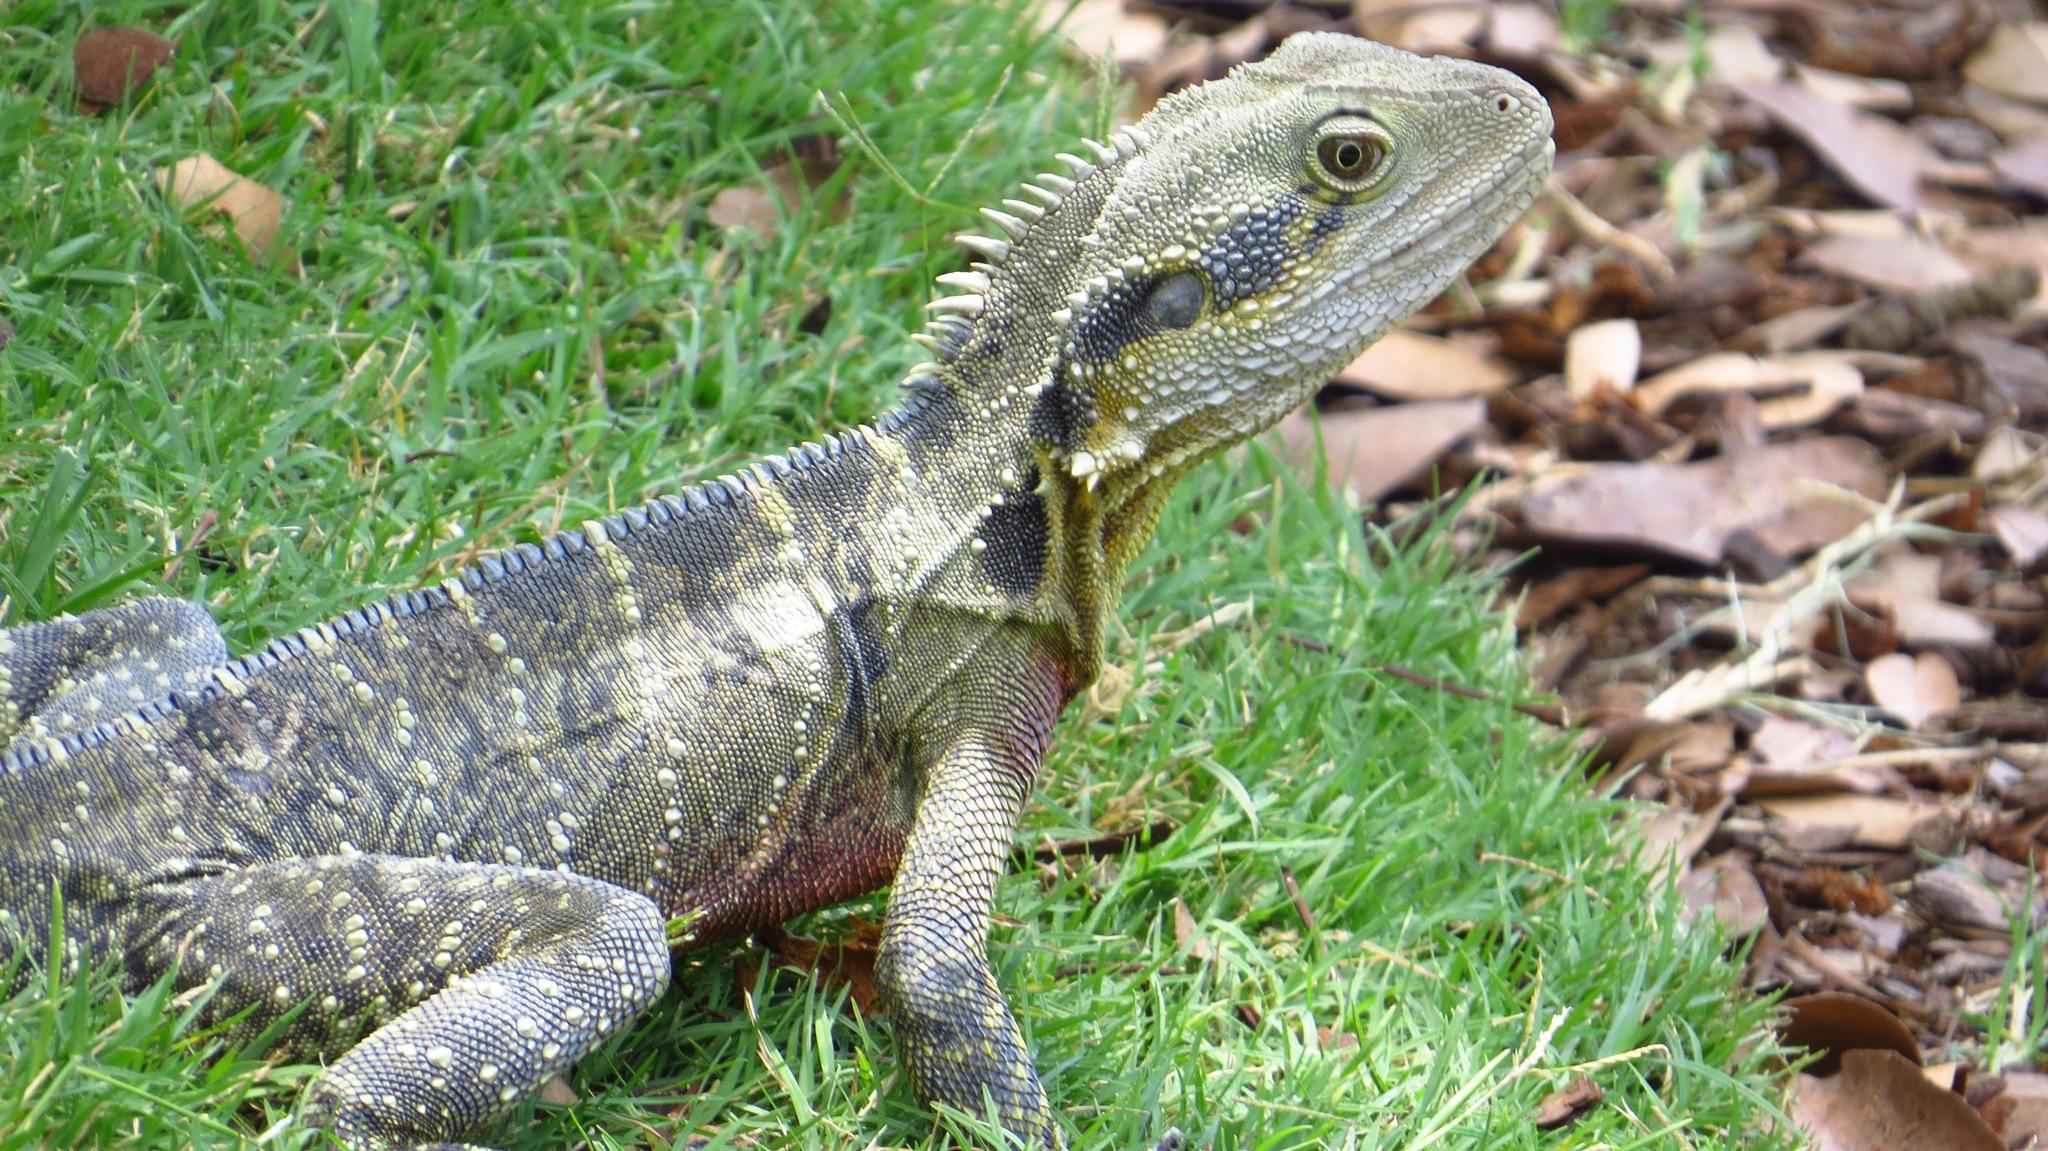 Big Lizard by Craig Wish